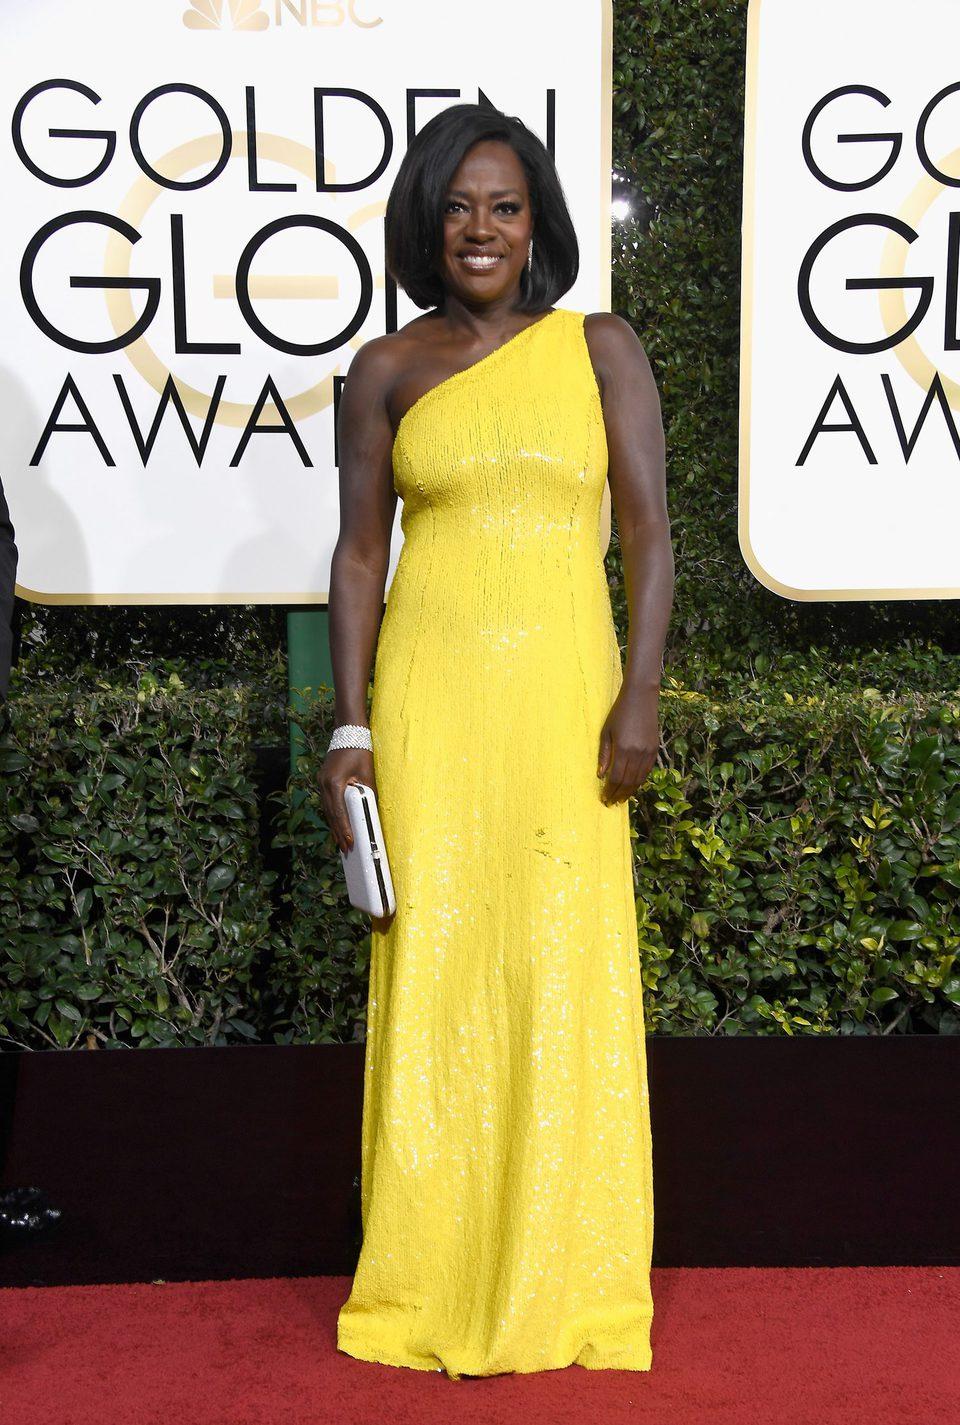 Viola Davis at Golden Globes 2017 red carpet